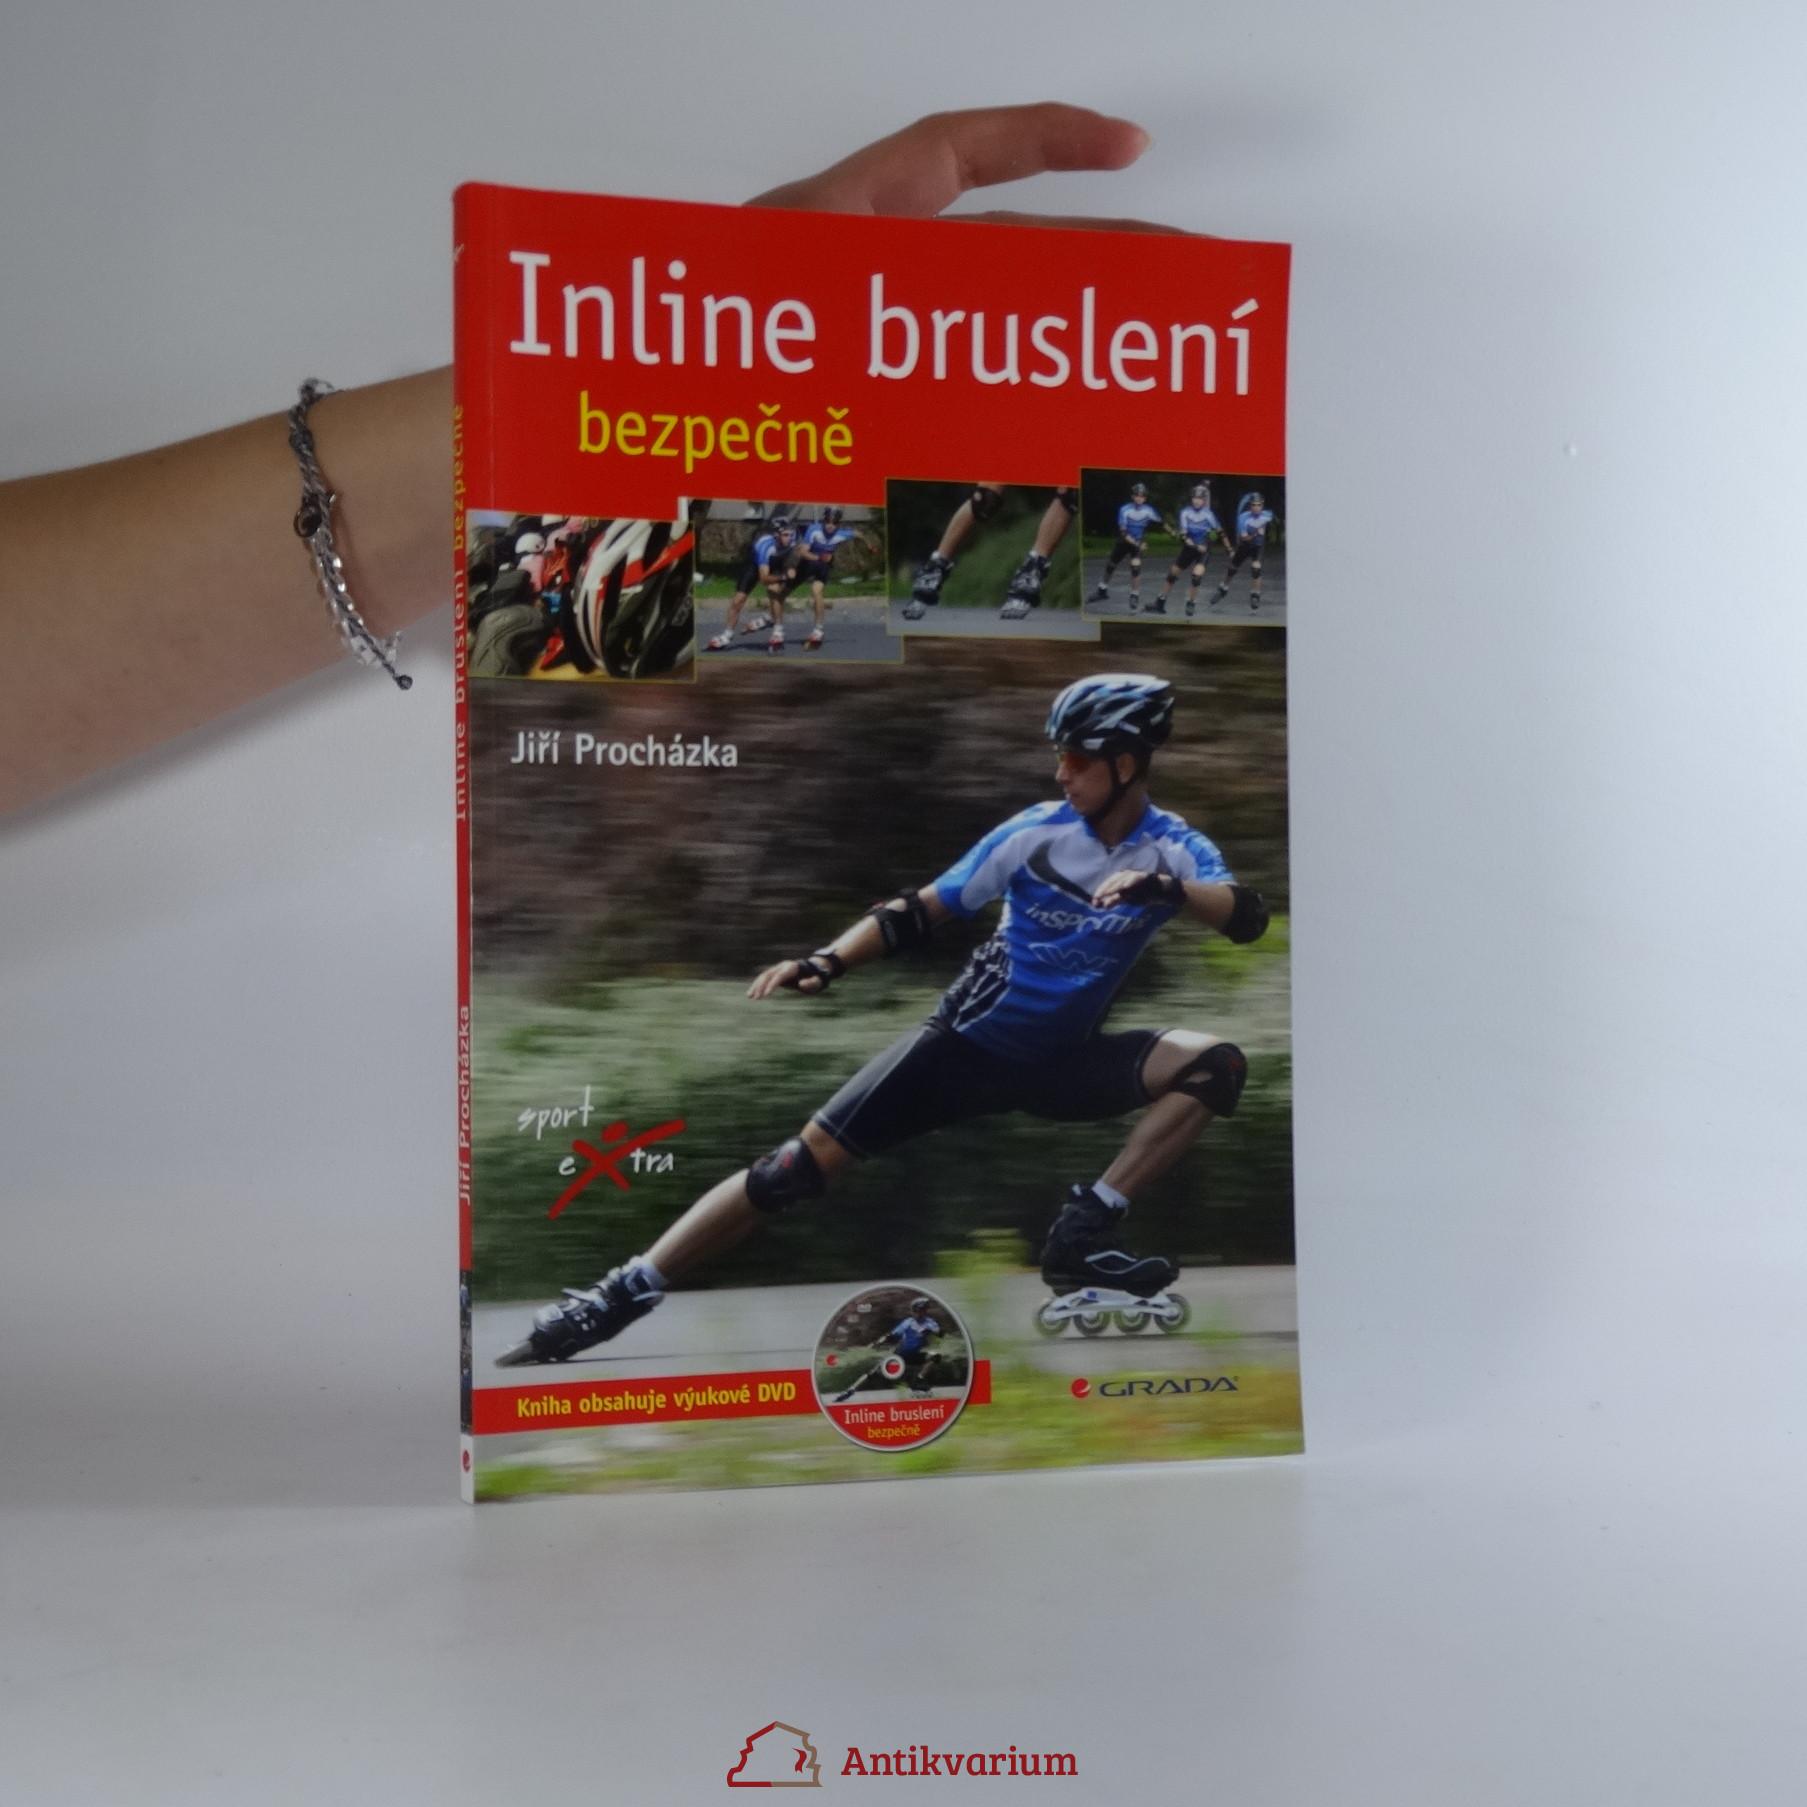 antikvární kniha Inline bruslení bezpečně, 2010